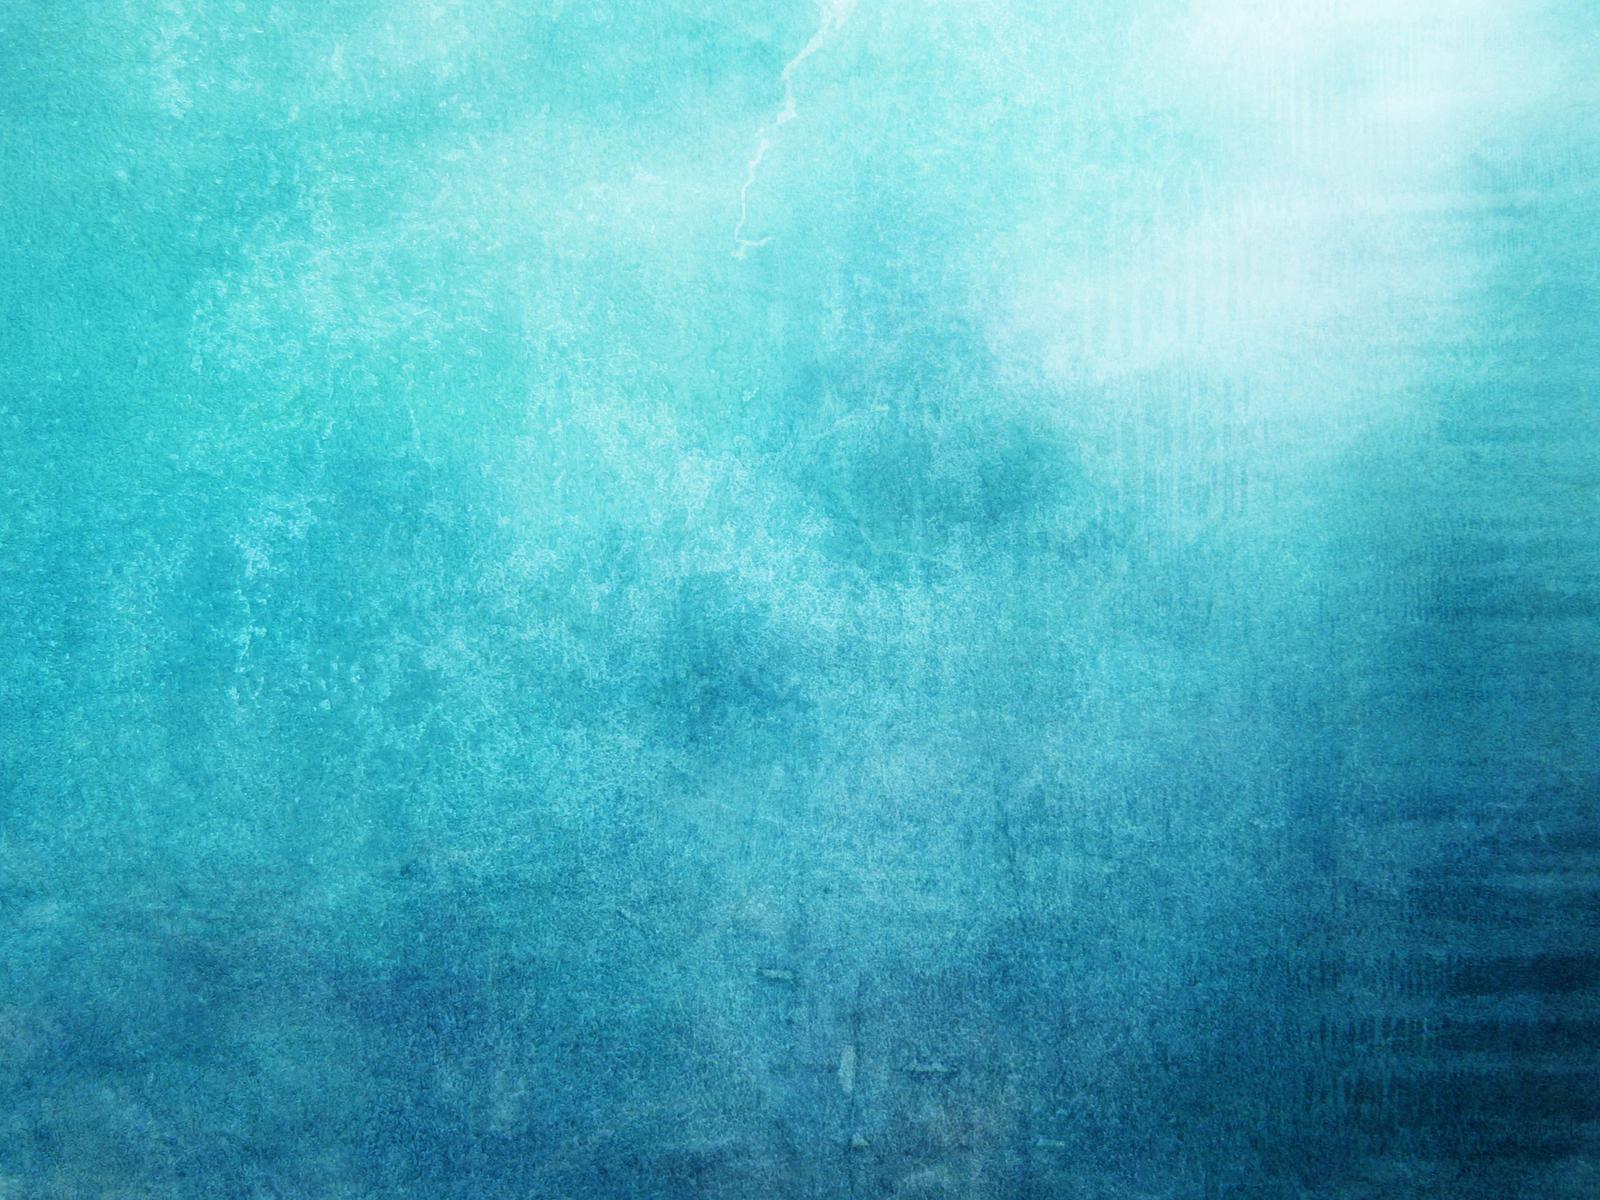 texture 11 by Sirius-sdz